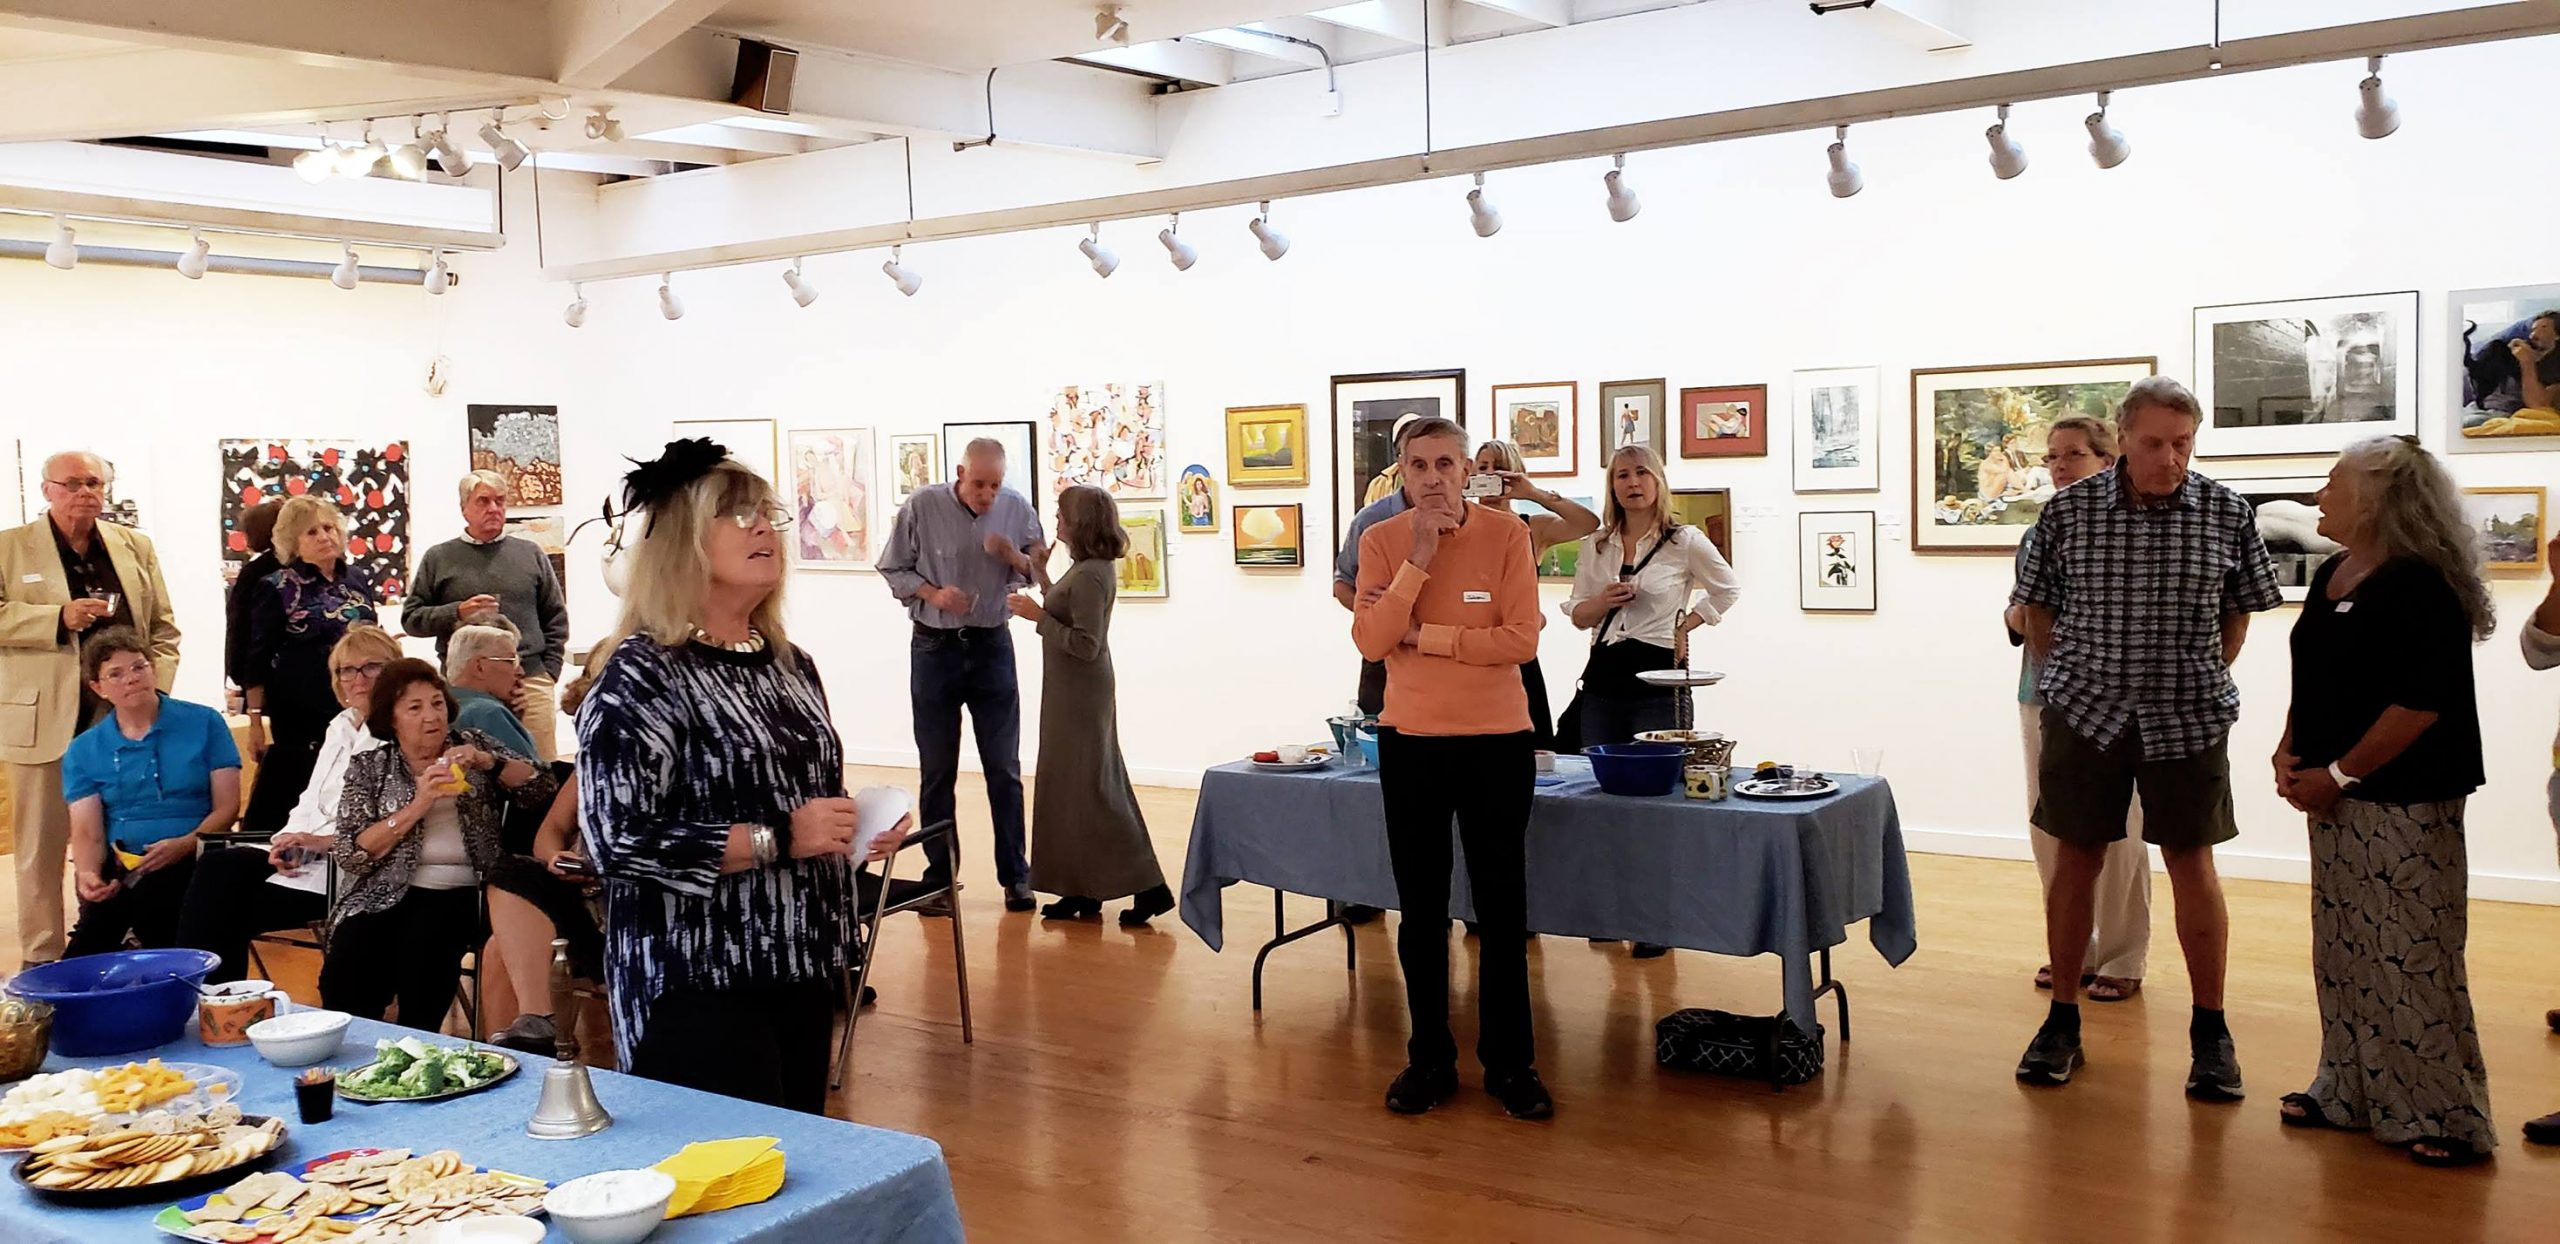 Barn Gallery - Ogunquit Art Association - Ogunquit Barometer